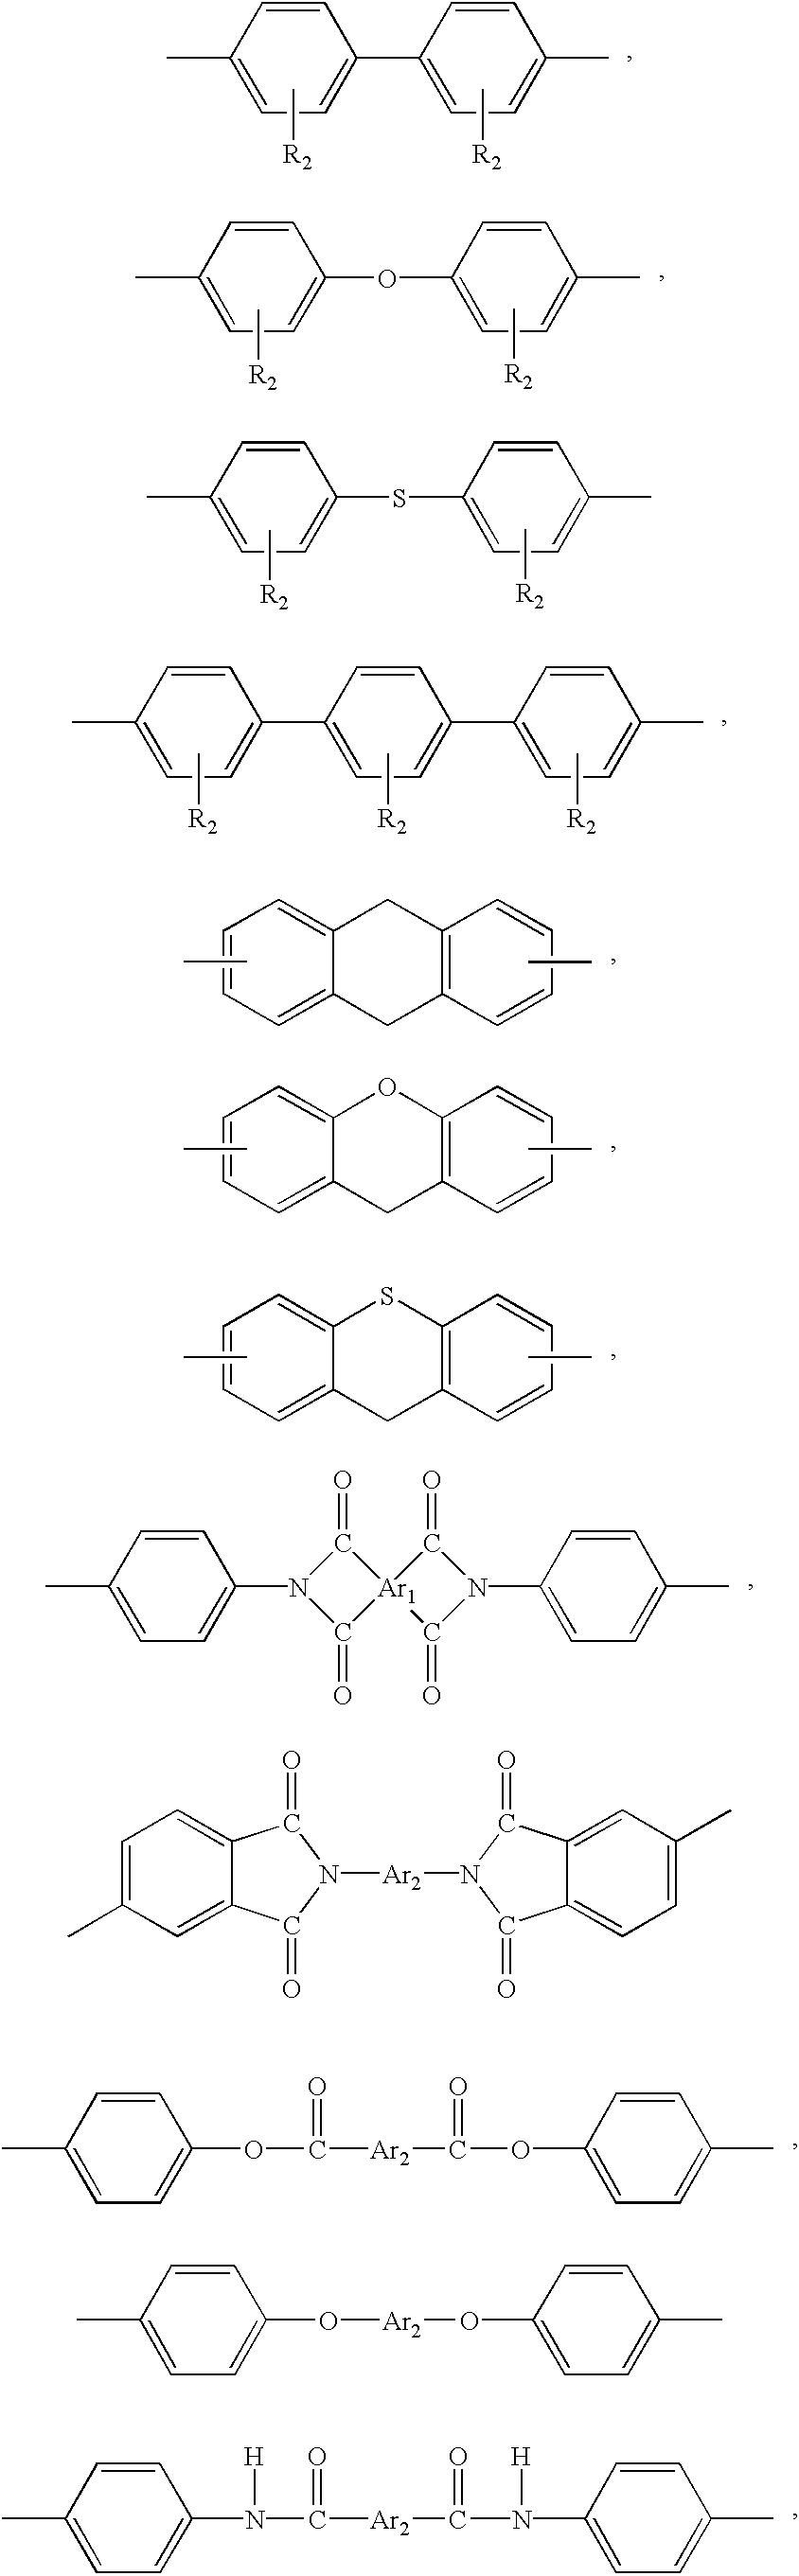 Figure US20030178138A1-20030925-C00009